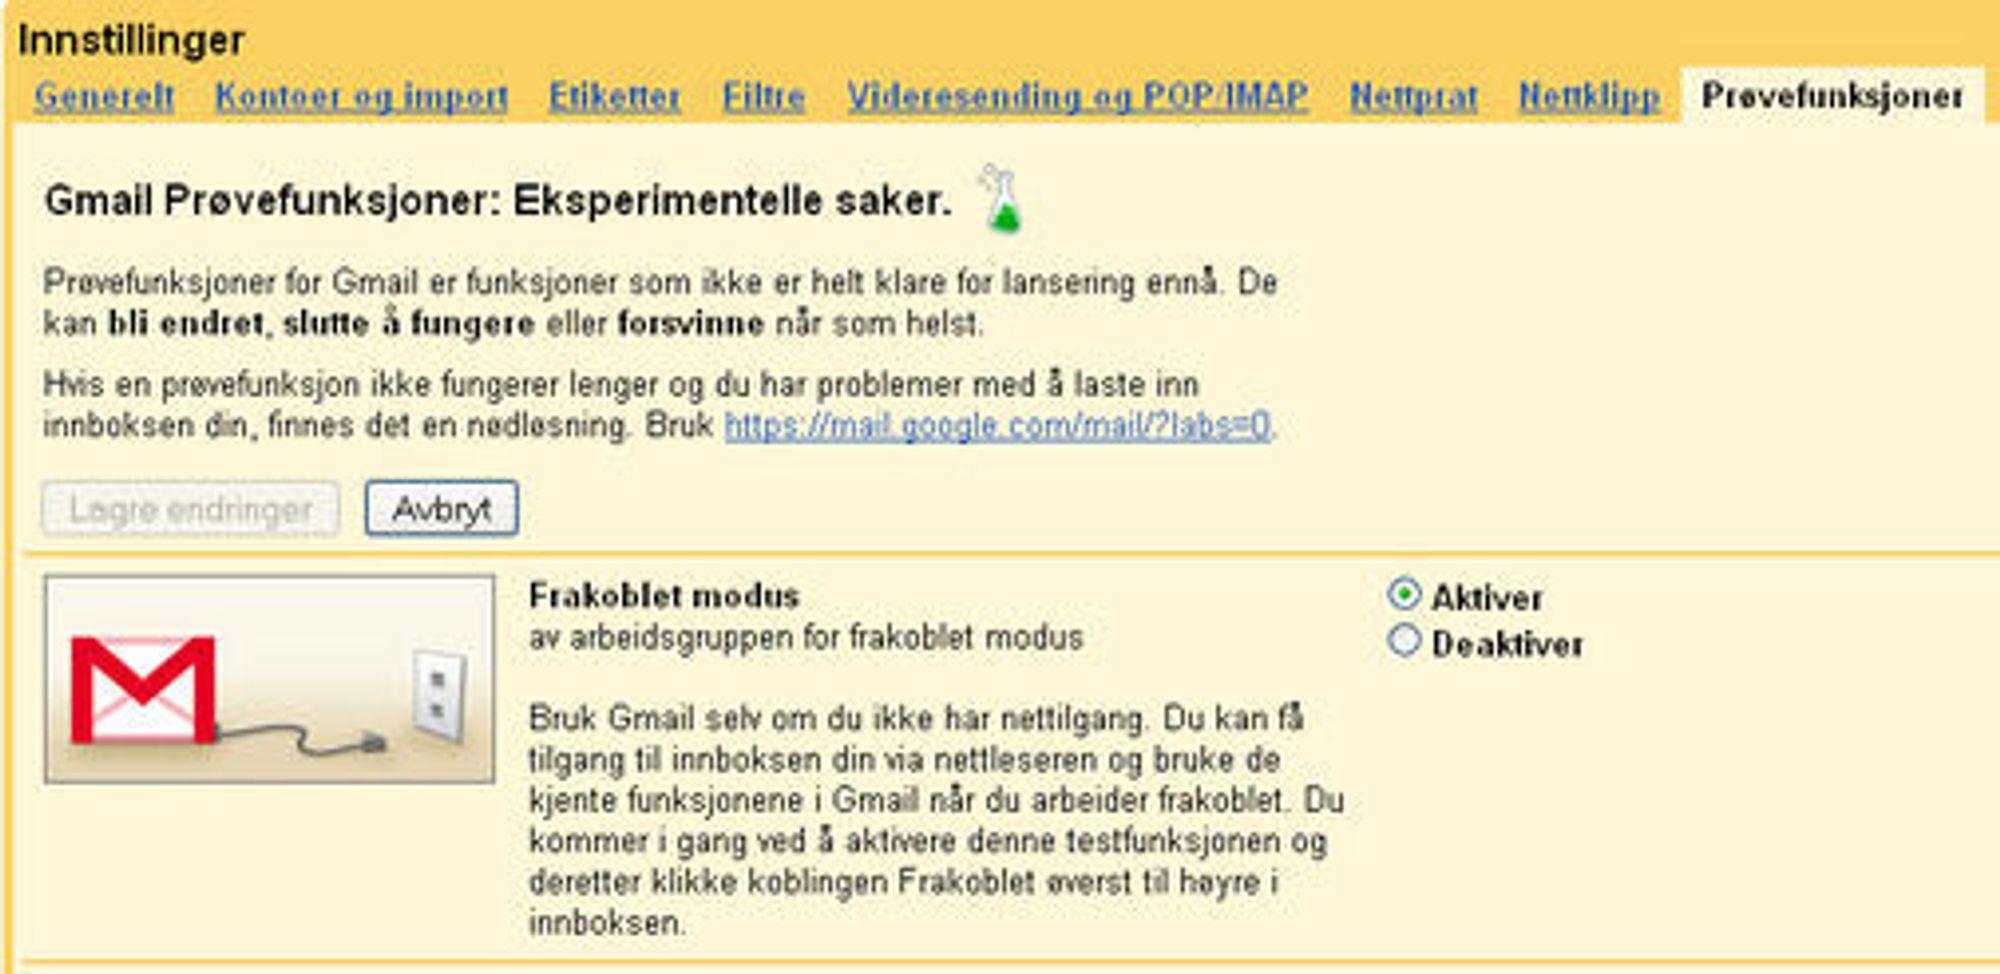 Aktivering av frakoblet modus i Gmail